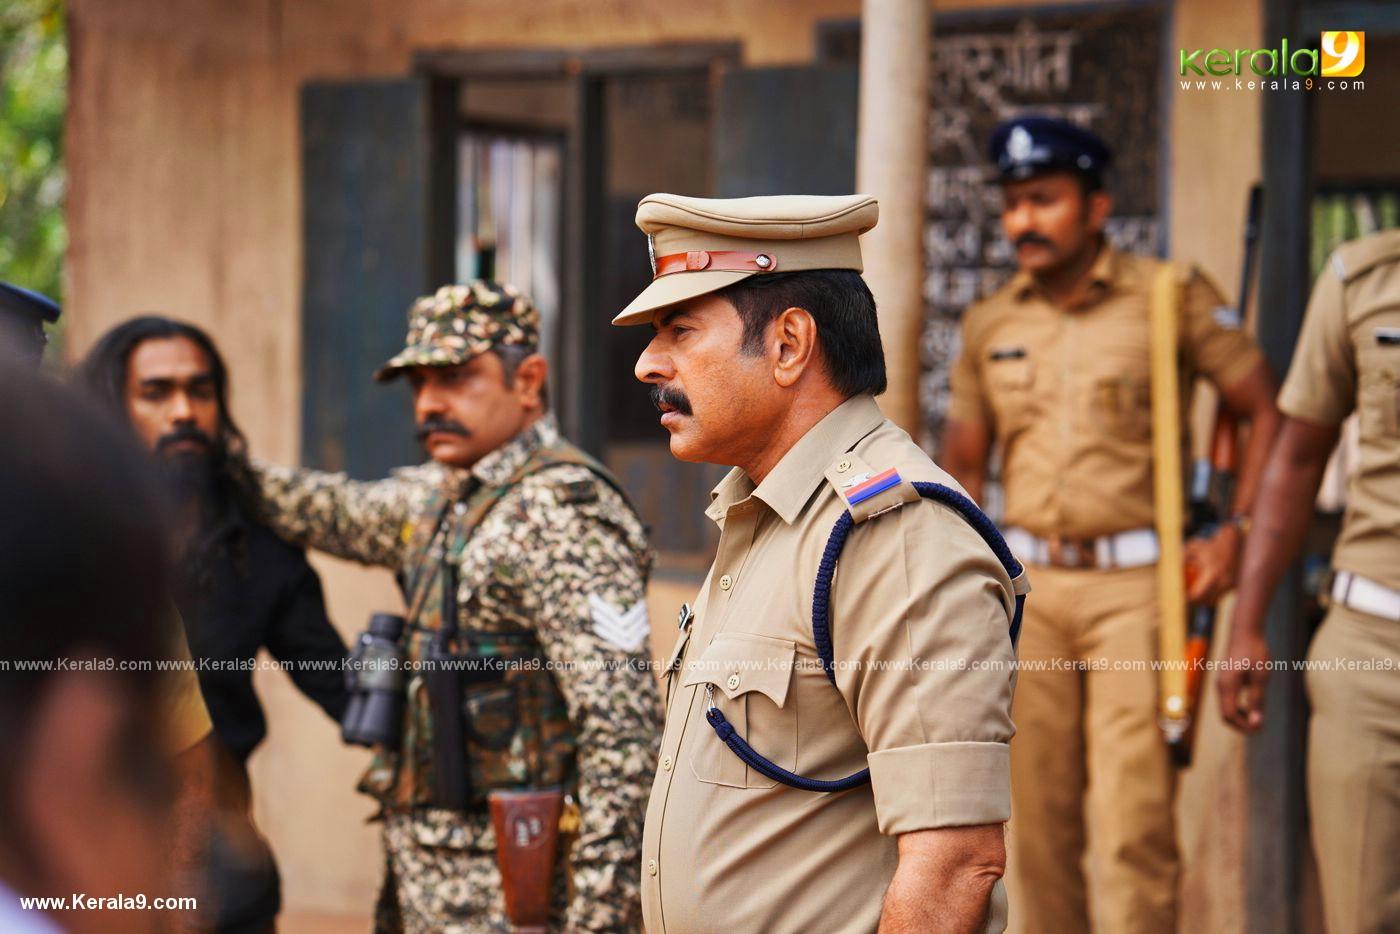 unda malayalam movie stills 016 - Kerala9.com